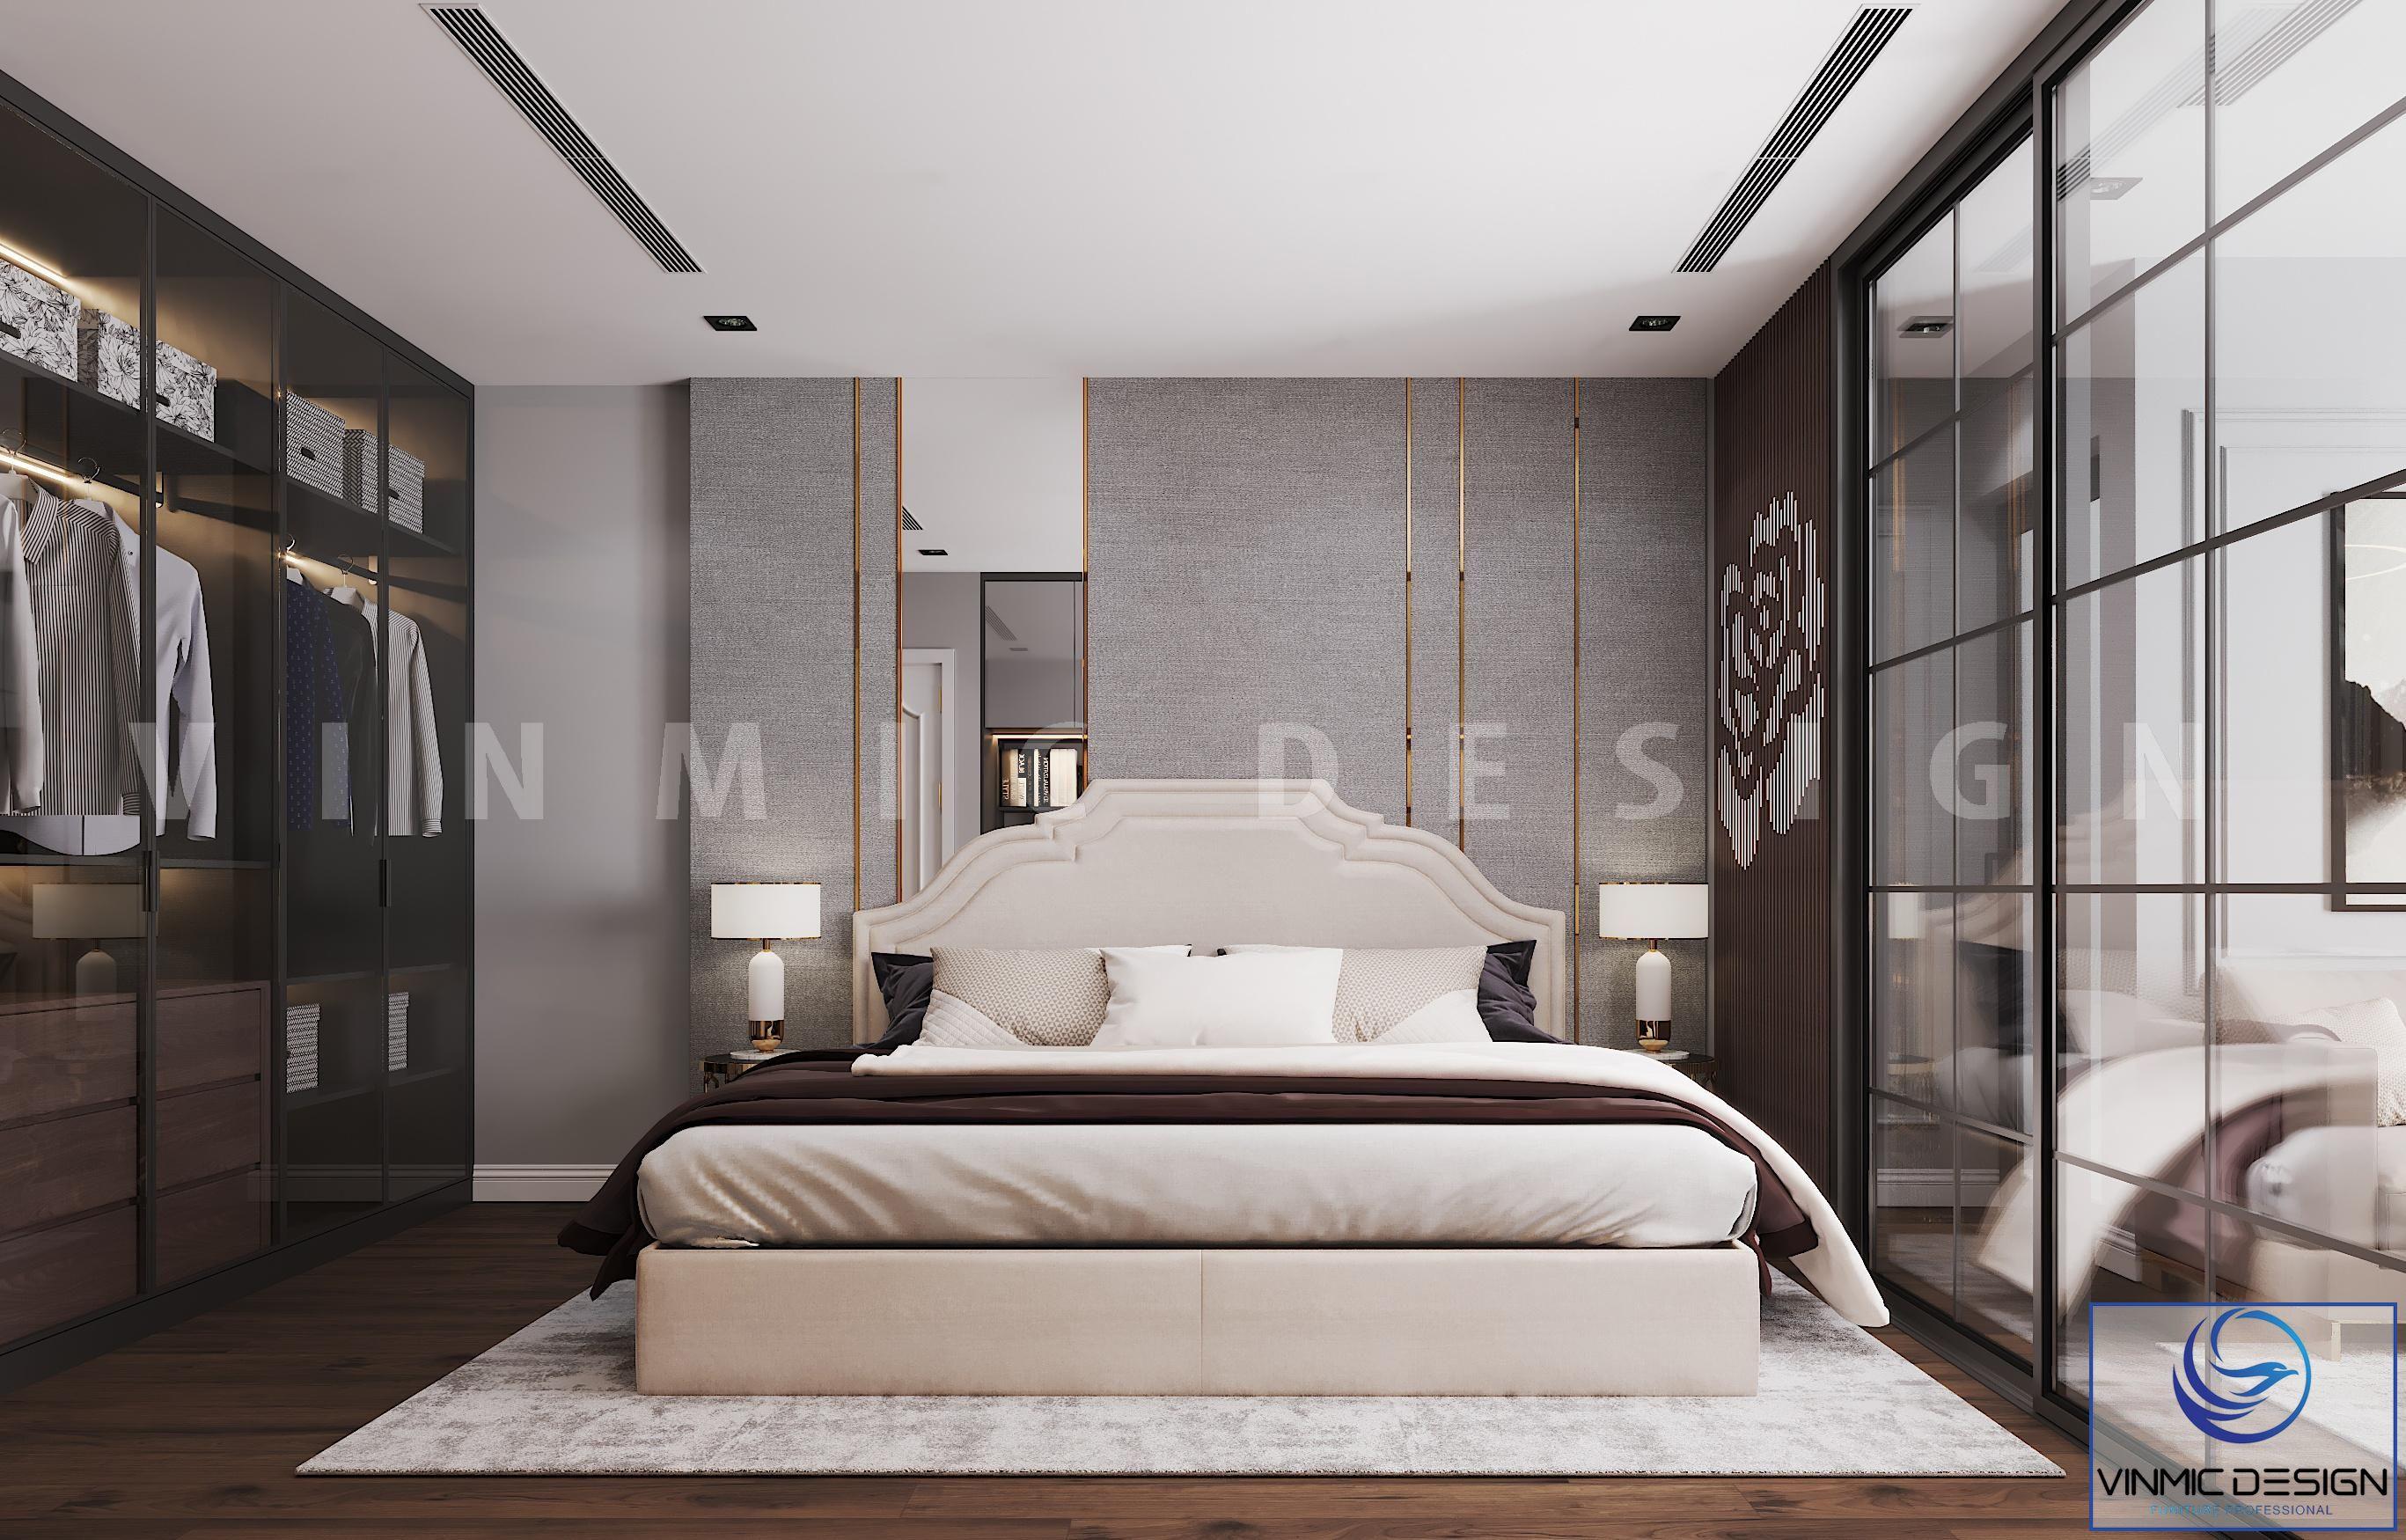 Phòng ngủ đẹp hơn với thiết kế vách ốp tường sang trọng, hiện đại tại chung cư Goldmark City